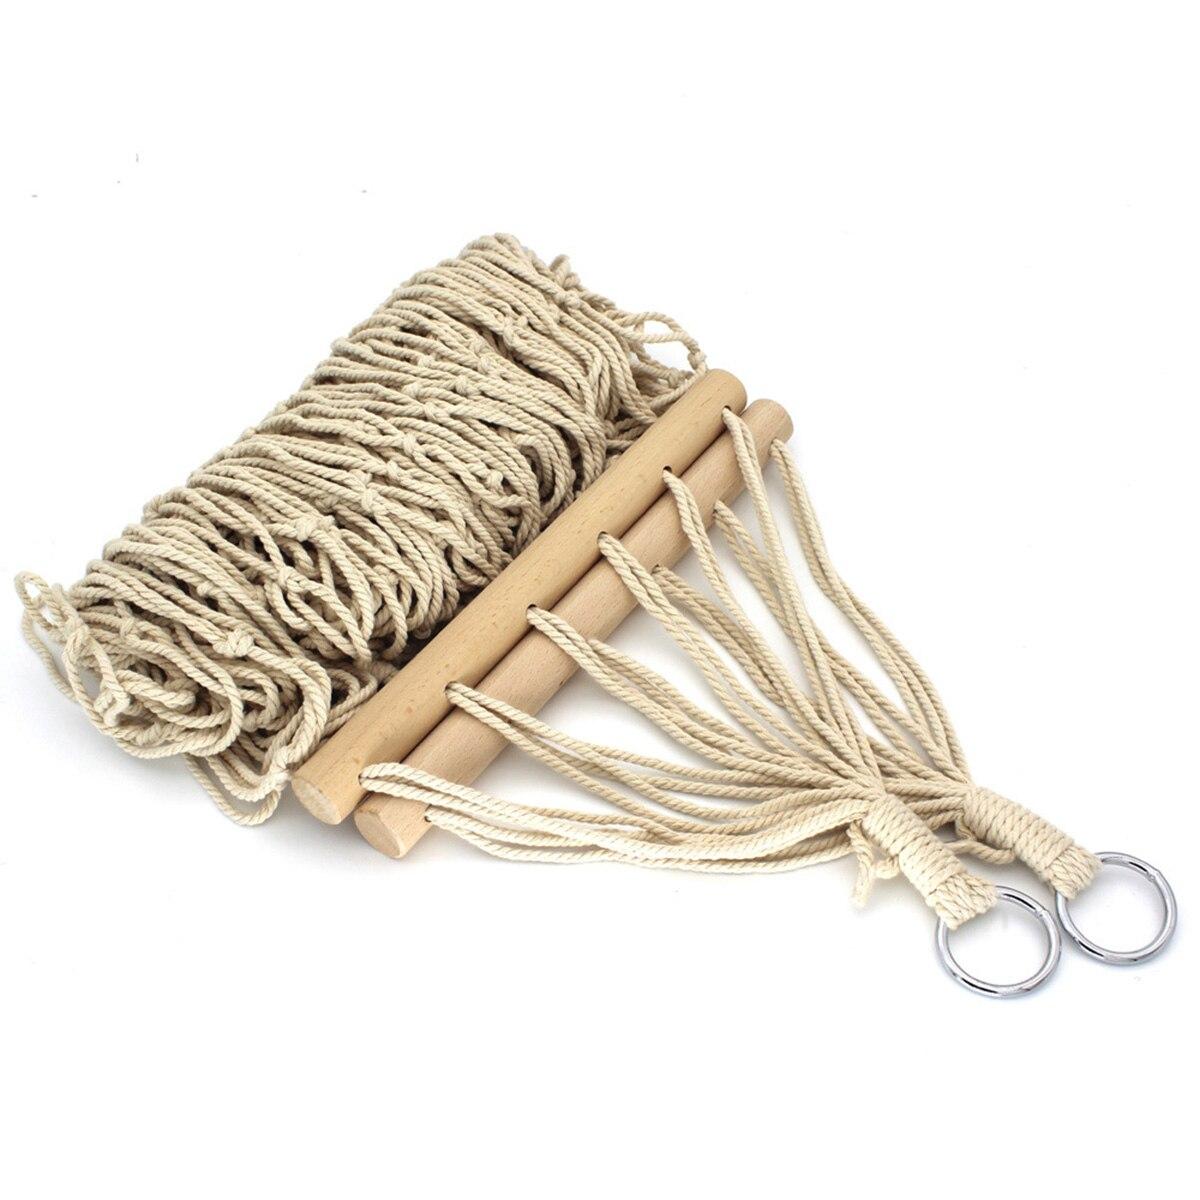 Открытый гамак для использования в помещении традиционный хлопковый гамак с сумкой для хранения подходит для кемпинга, рыбалки, пикника и м...